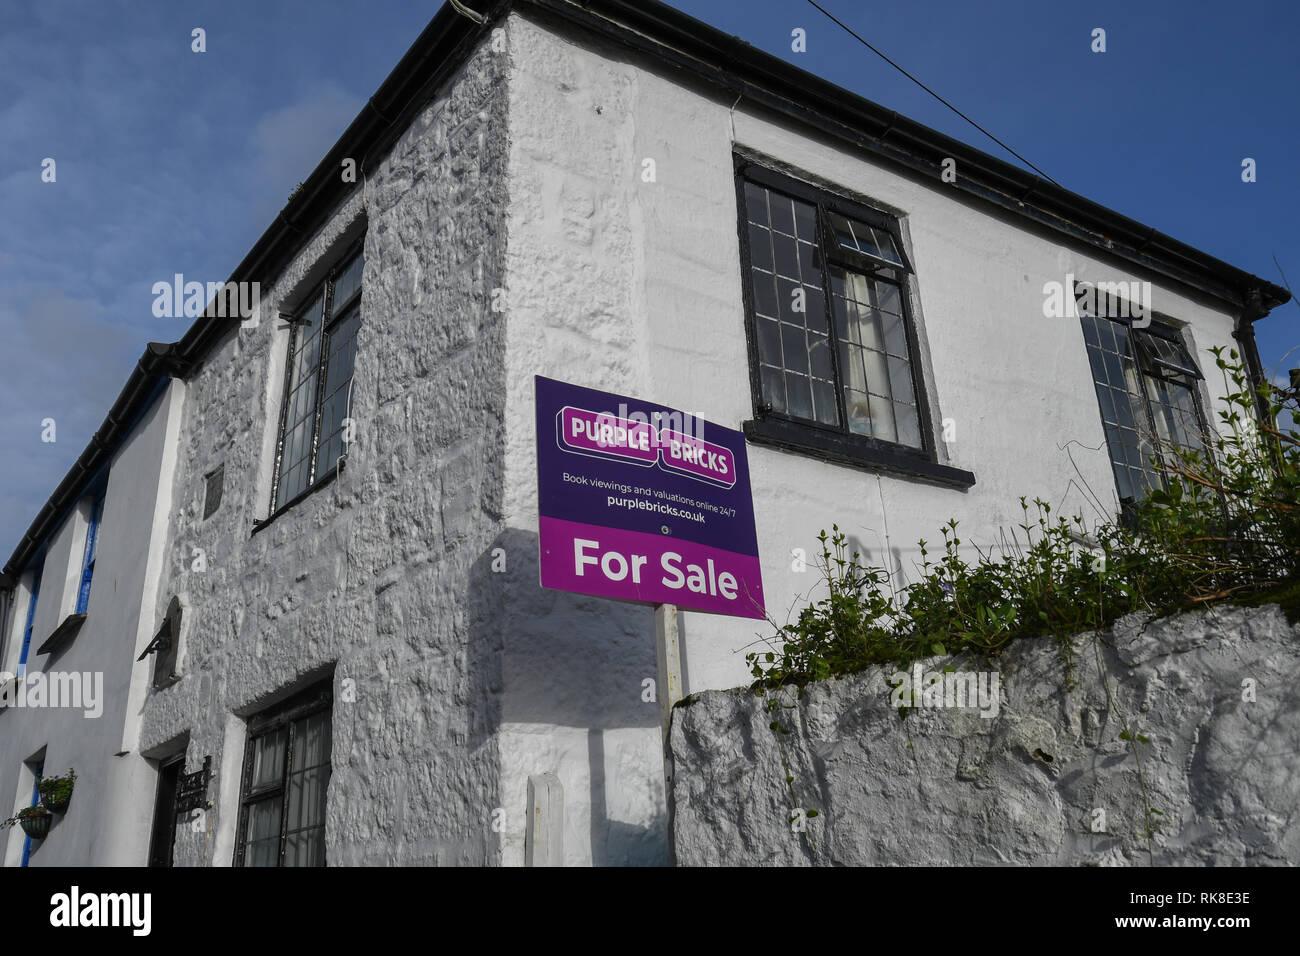 Agence immobilière briques violet signe extérieur d'un bâtiment Photo Stock